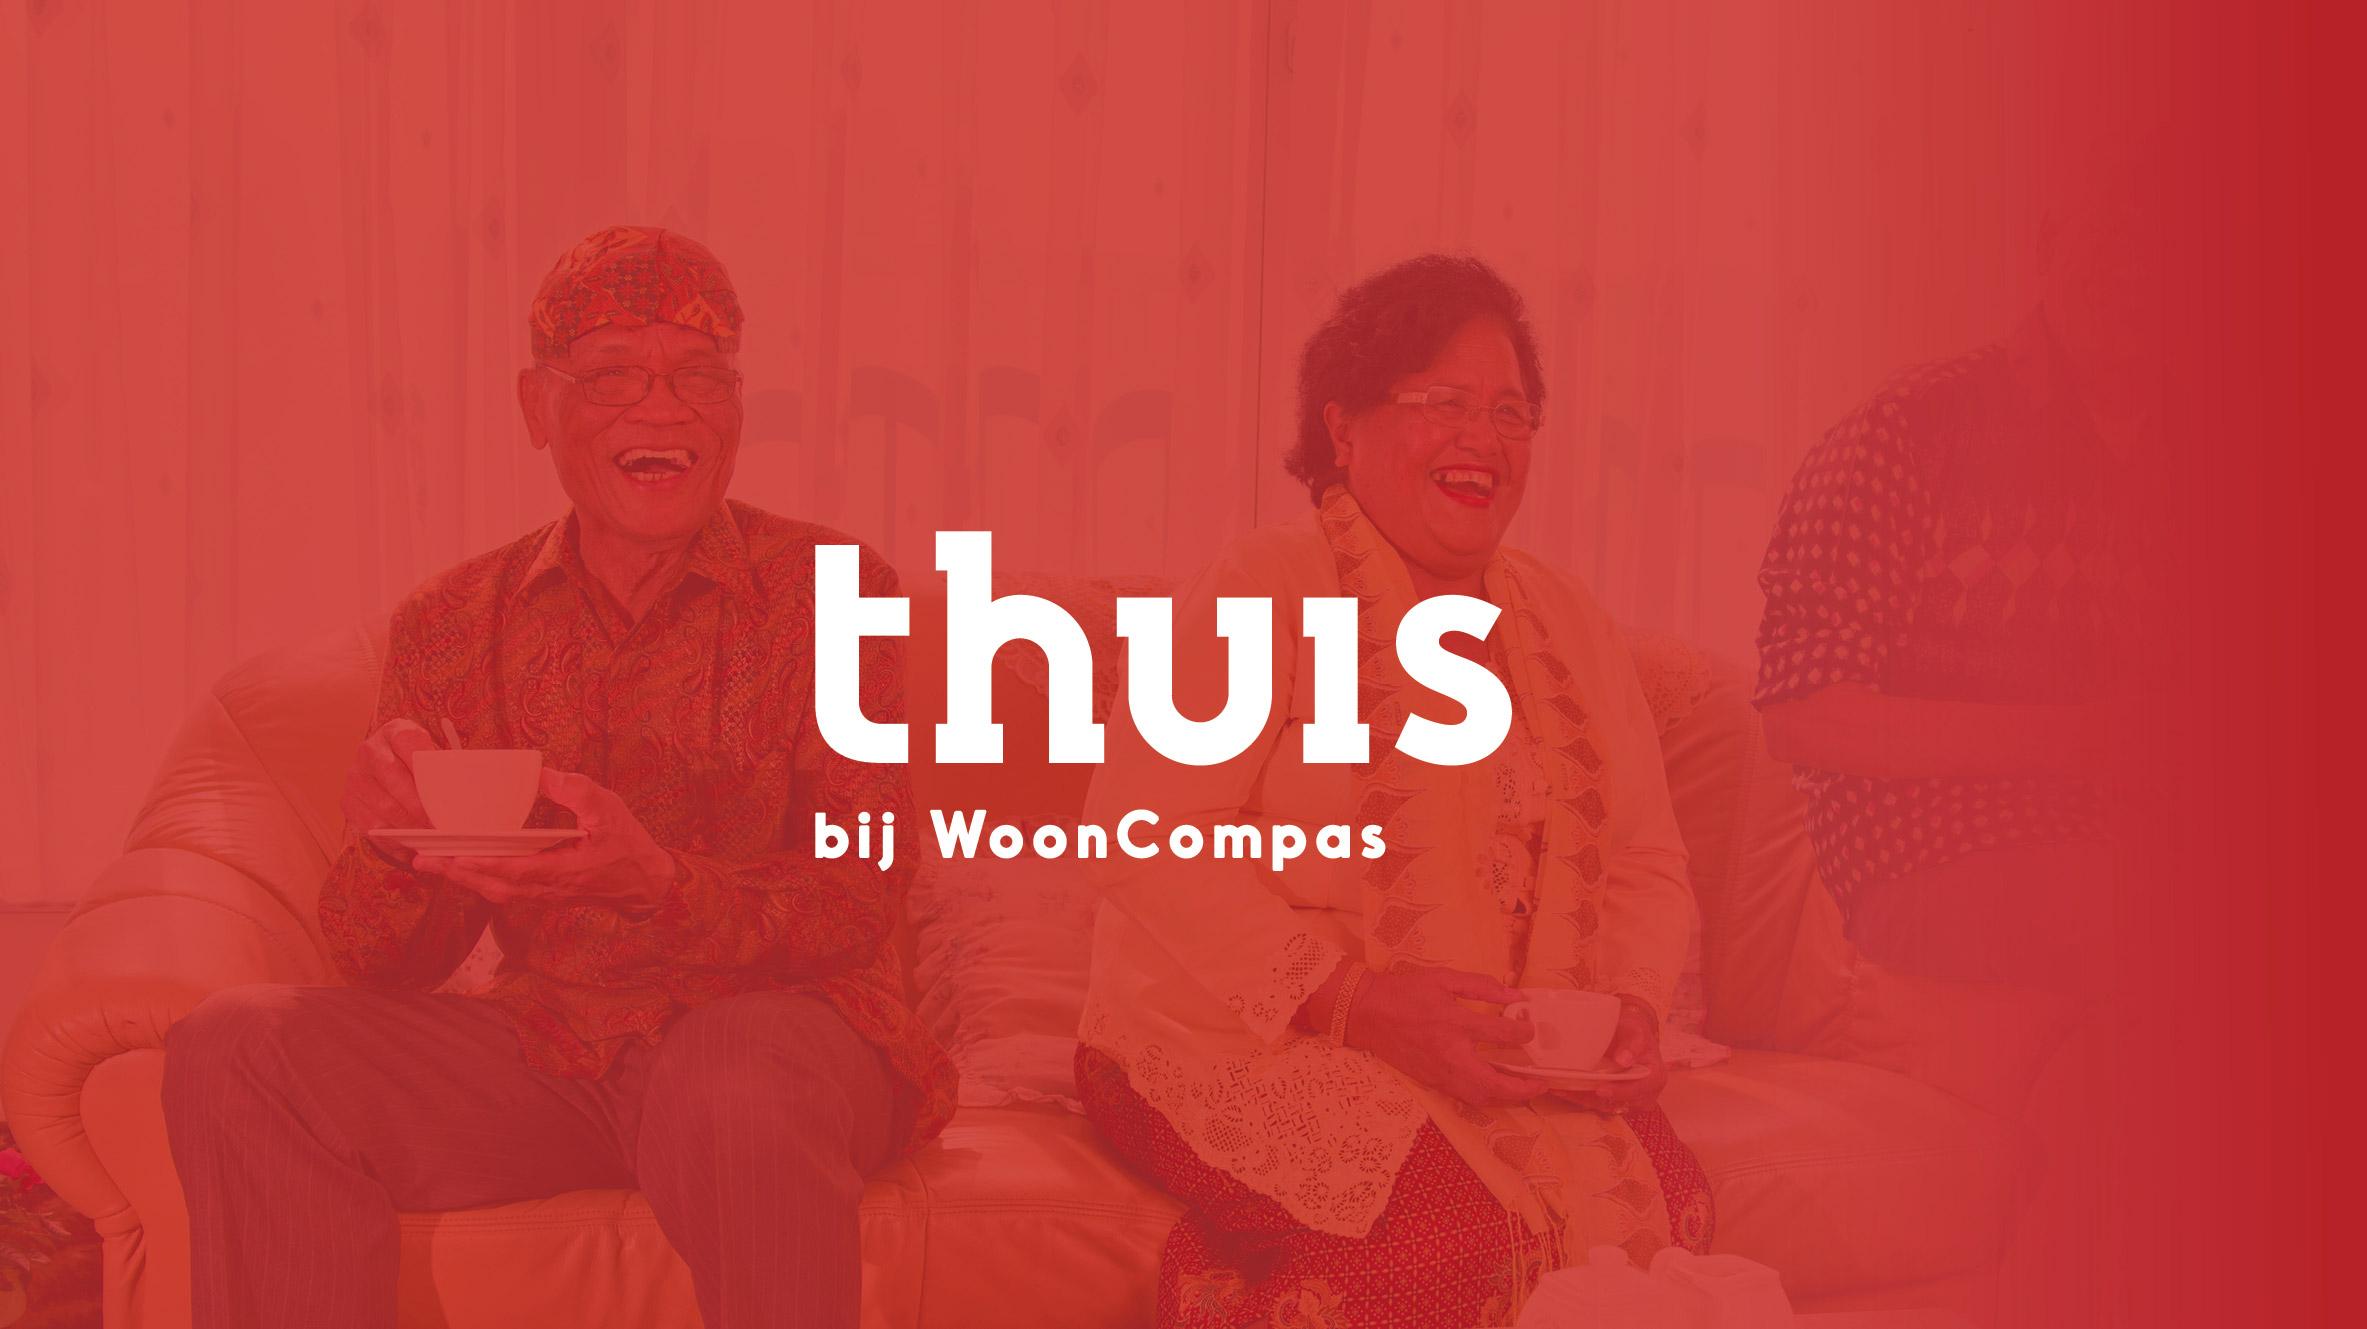 WoonCompas magazine